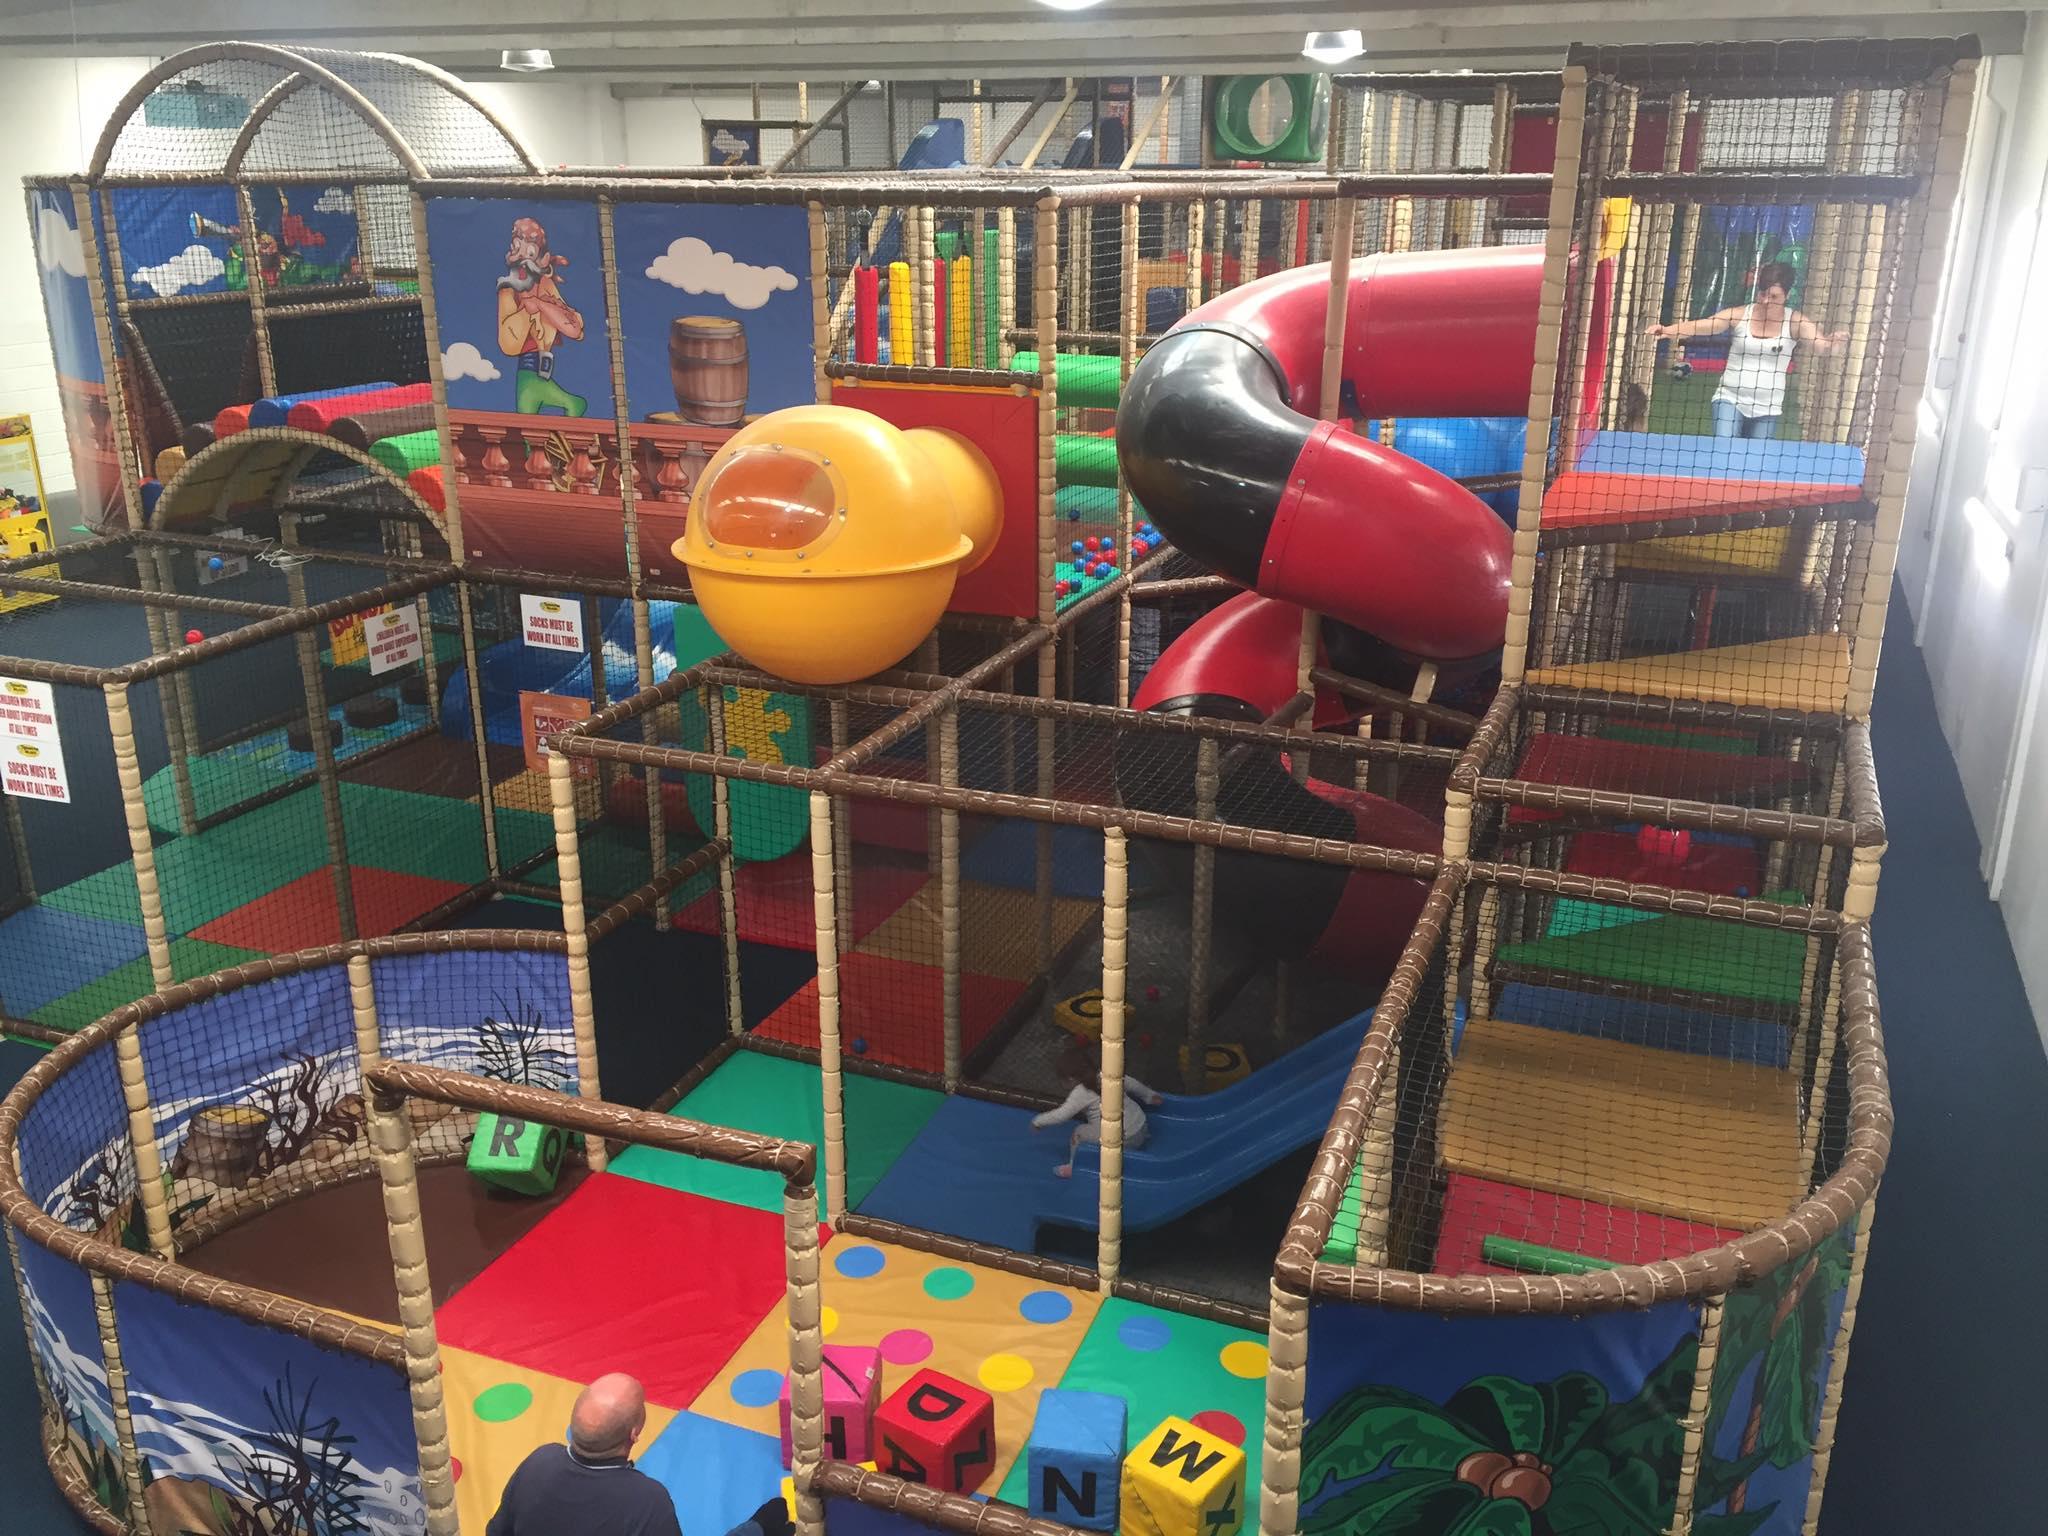 Treasure Island Kids Zone - Visit Galway